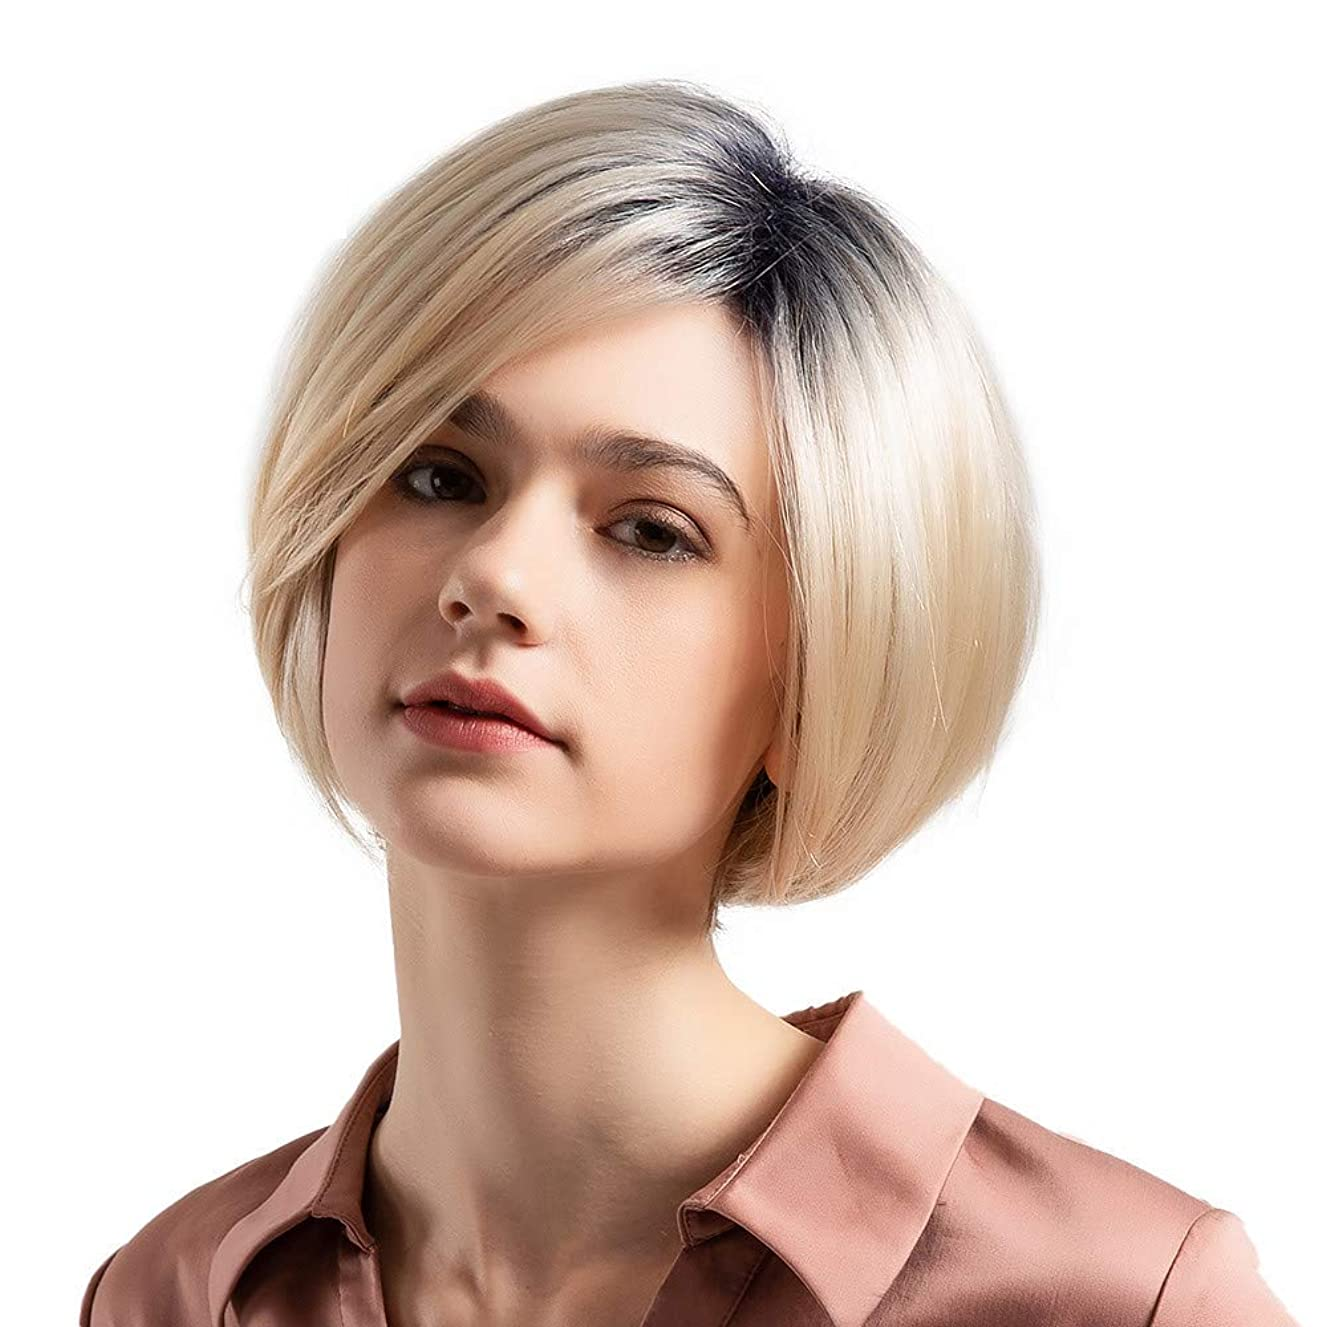 クルーズメロドラマキノコウィッグショートボブストレートヘア50%リアルヘアウィッグ女性のファッショングラデーションウィッグ